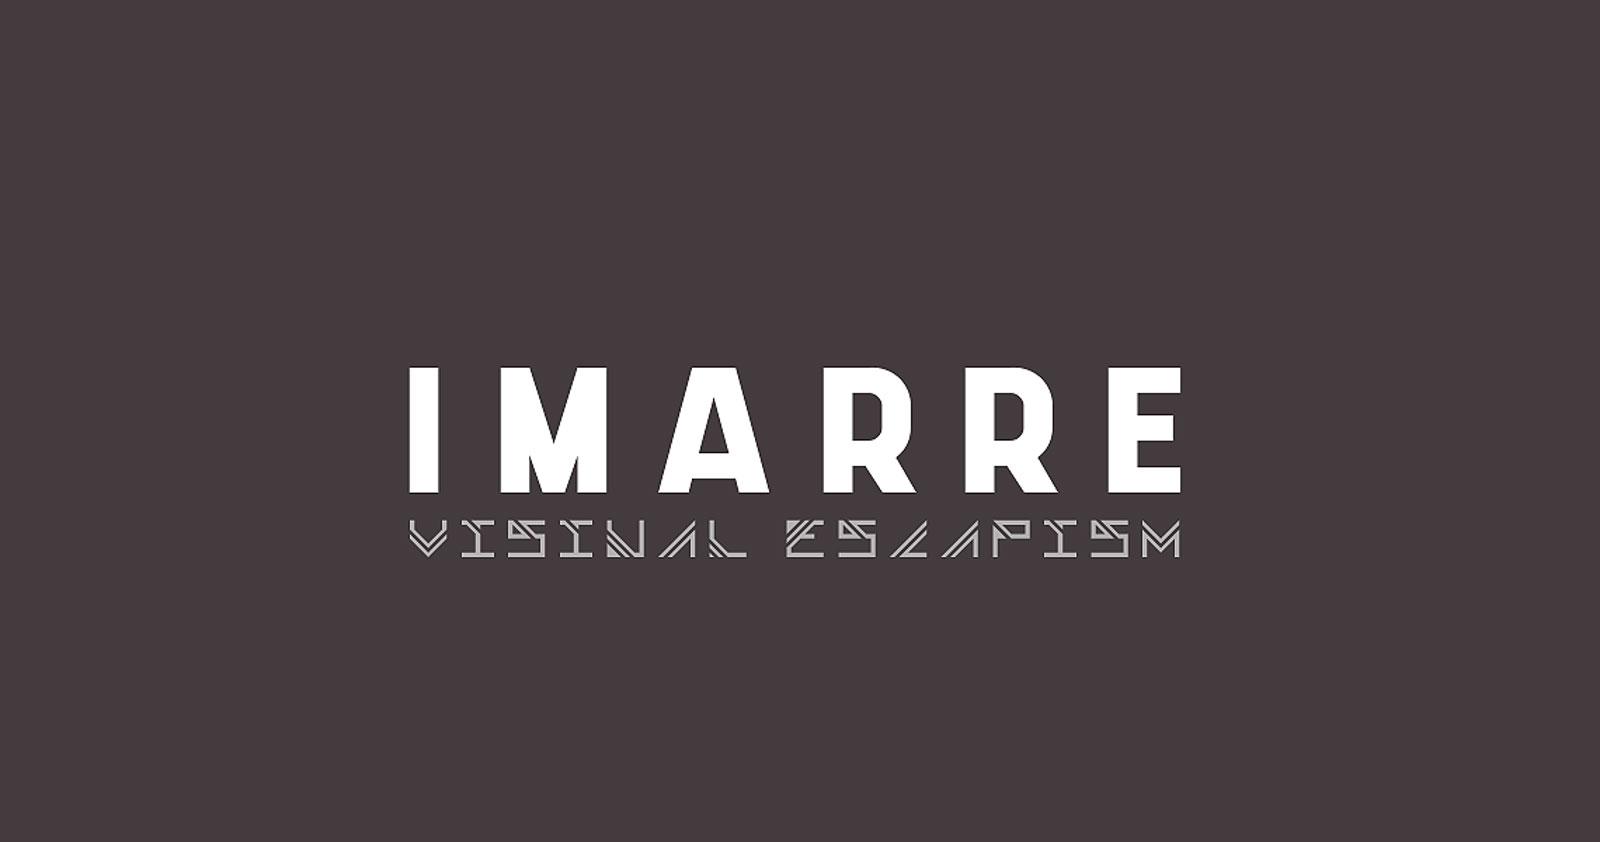 White logo on grey background, saying Imarre - Visual Escapism.